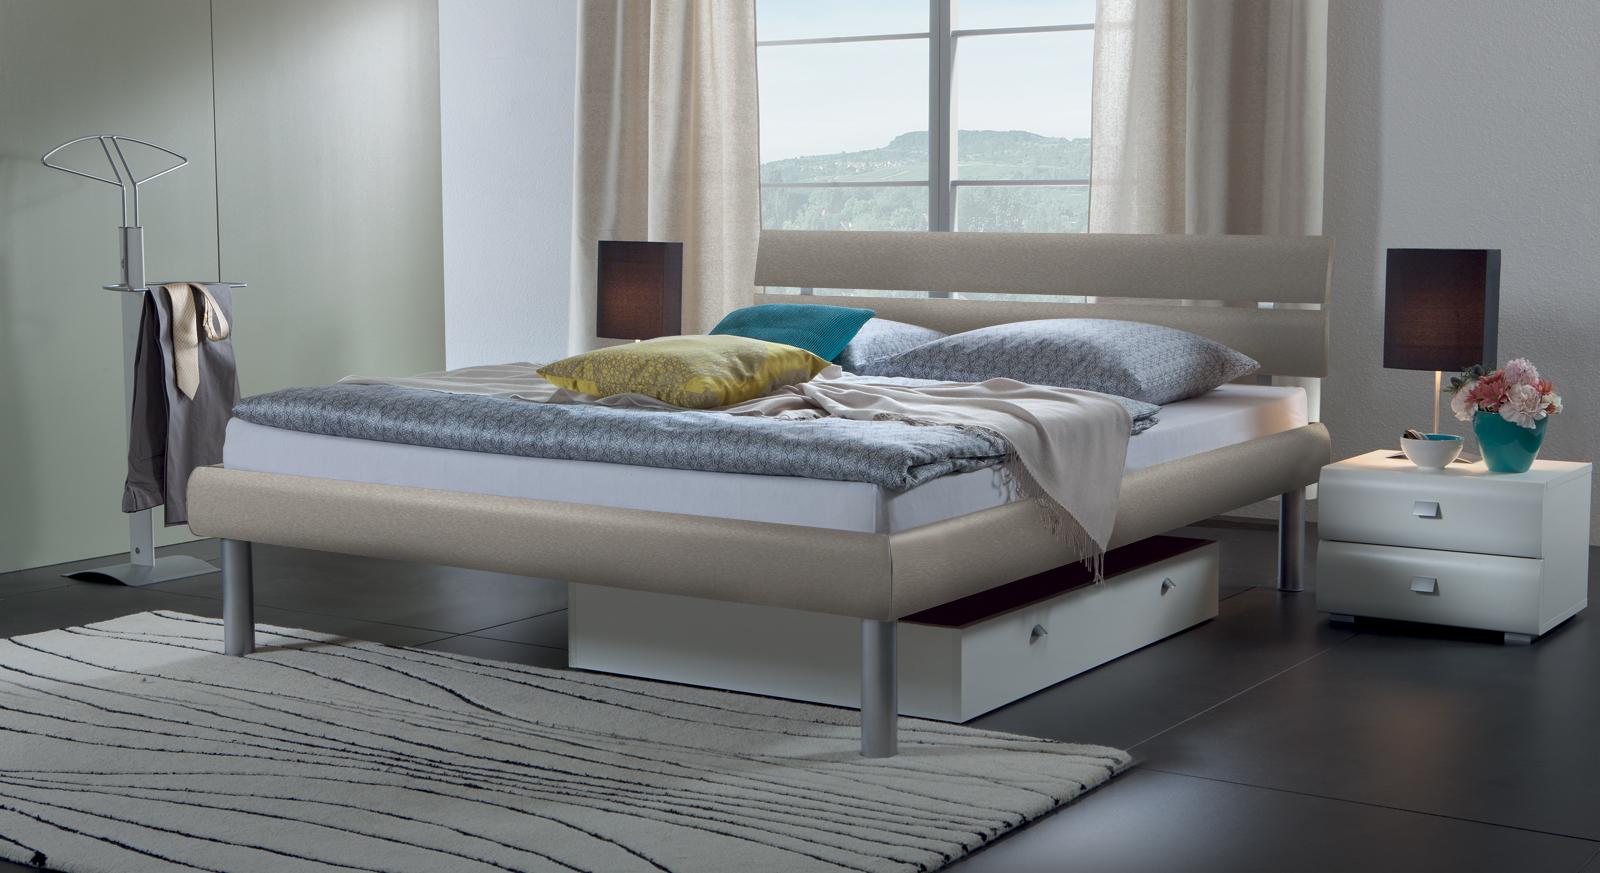 Bett Diego in metallfarben aus hochwertigem Dekor.